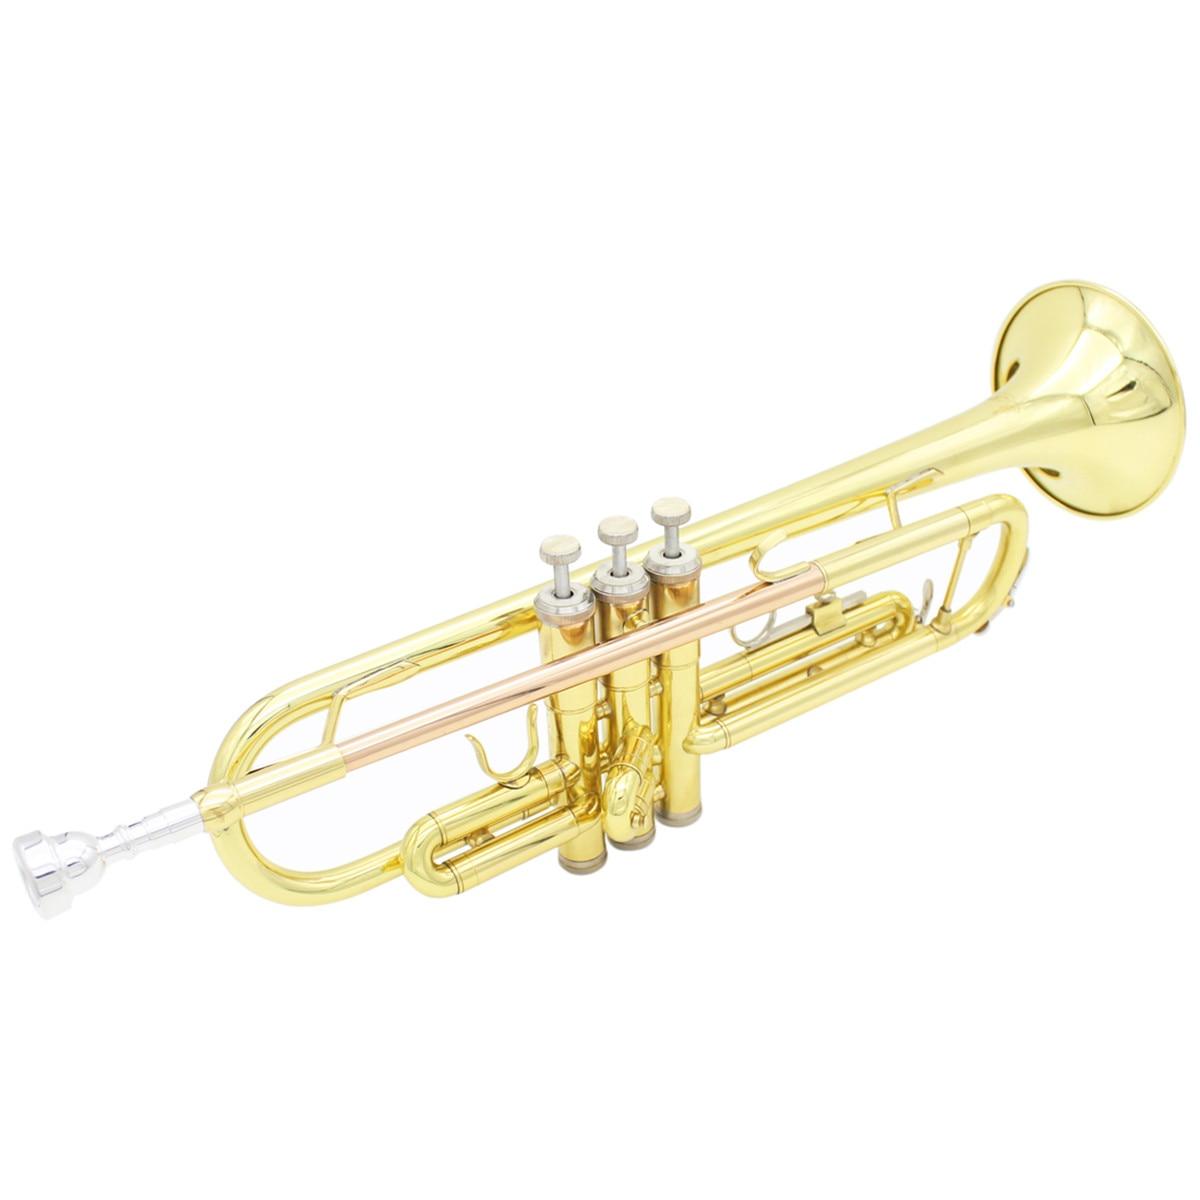 Профессиональные латунные Музыкальные инструменты труба с сумкой латунная Золотая труба цифровая Механическая сварочная труба музыка принимает - 5